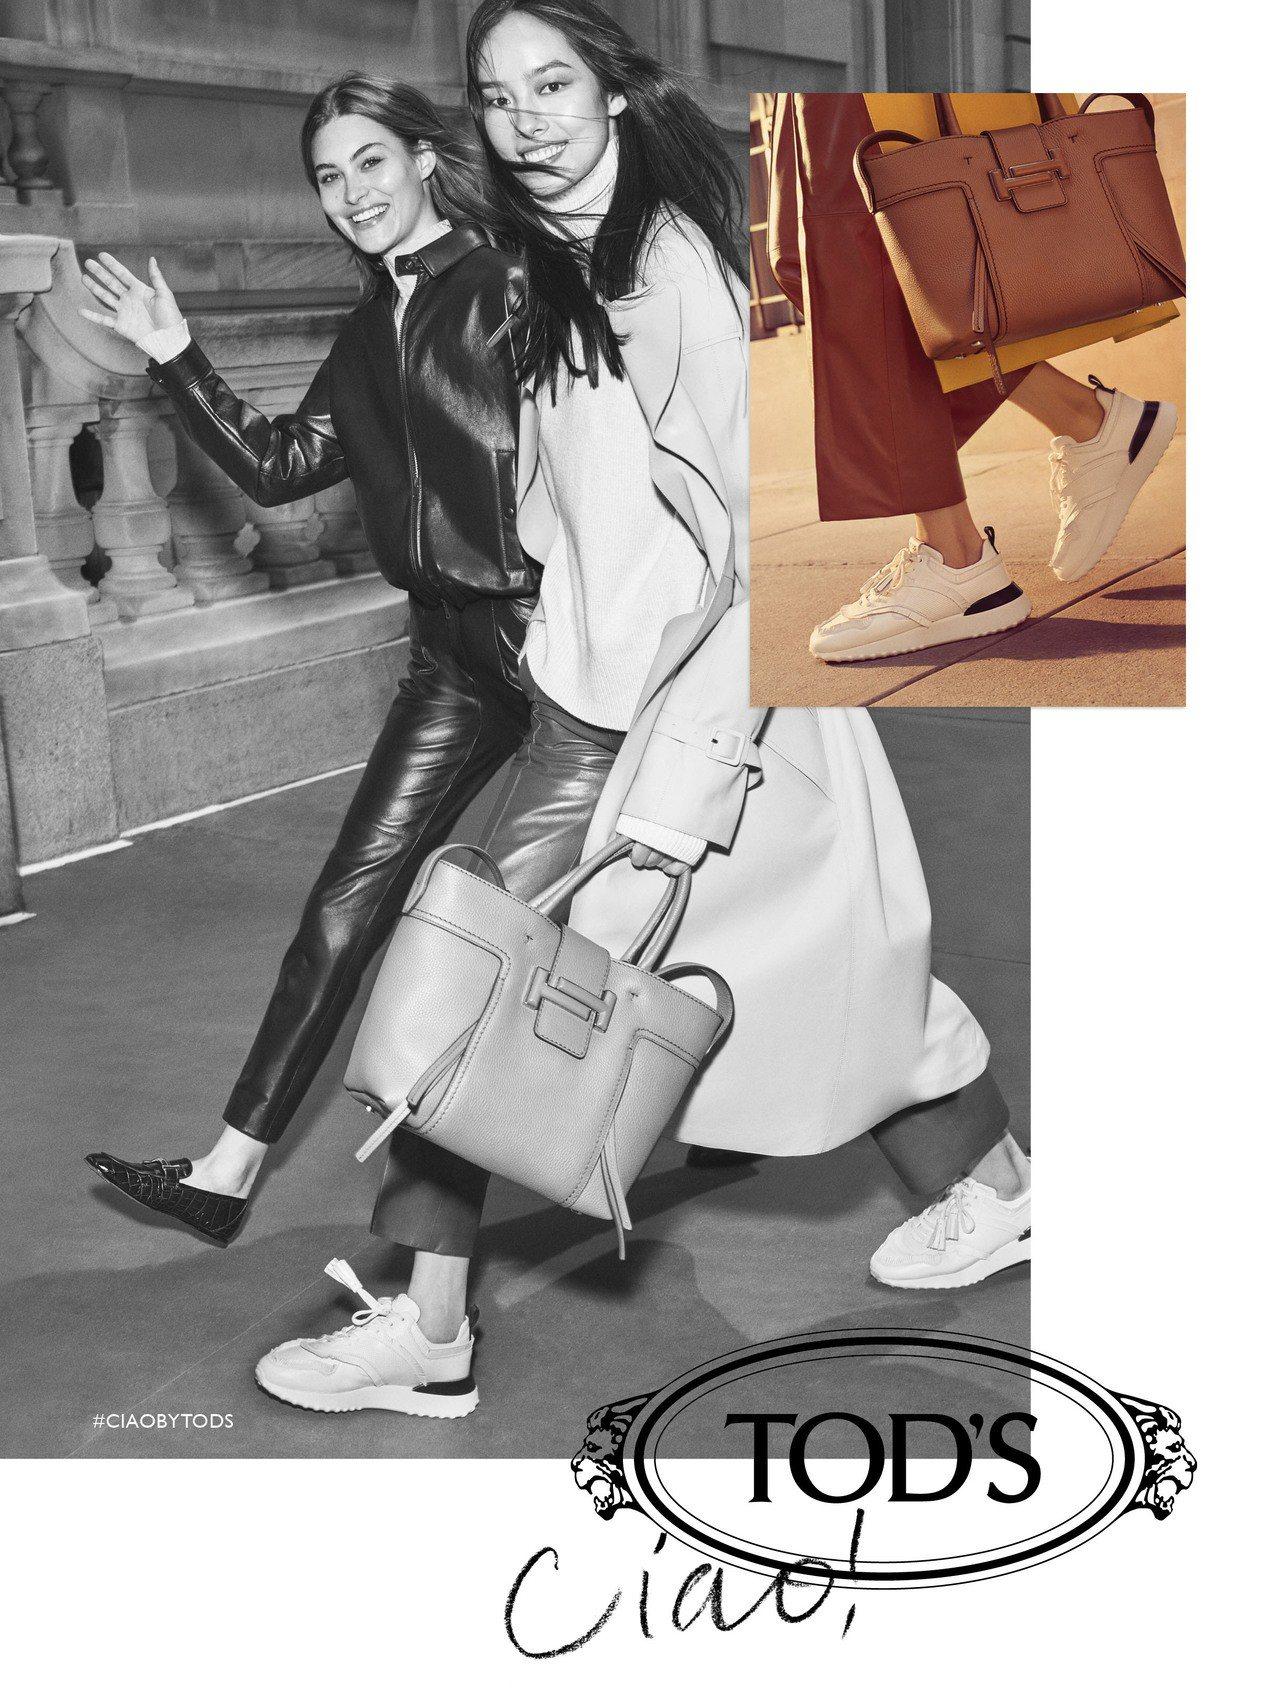 TOD'S 秋冬廣告以義大利文「Ciao!」為主題,透過親和的笑容與不經意的肢體...